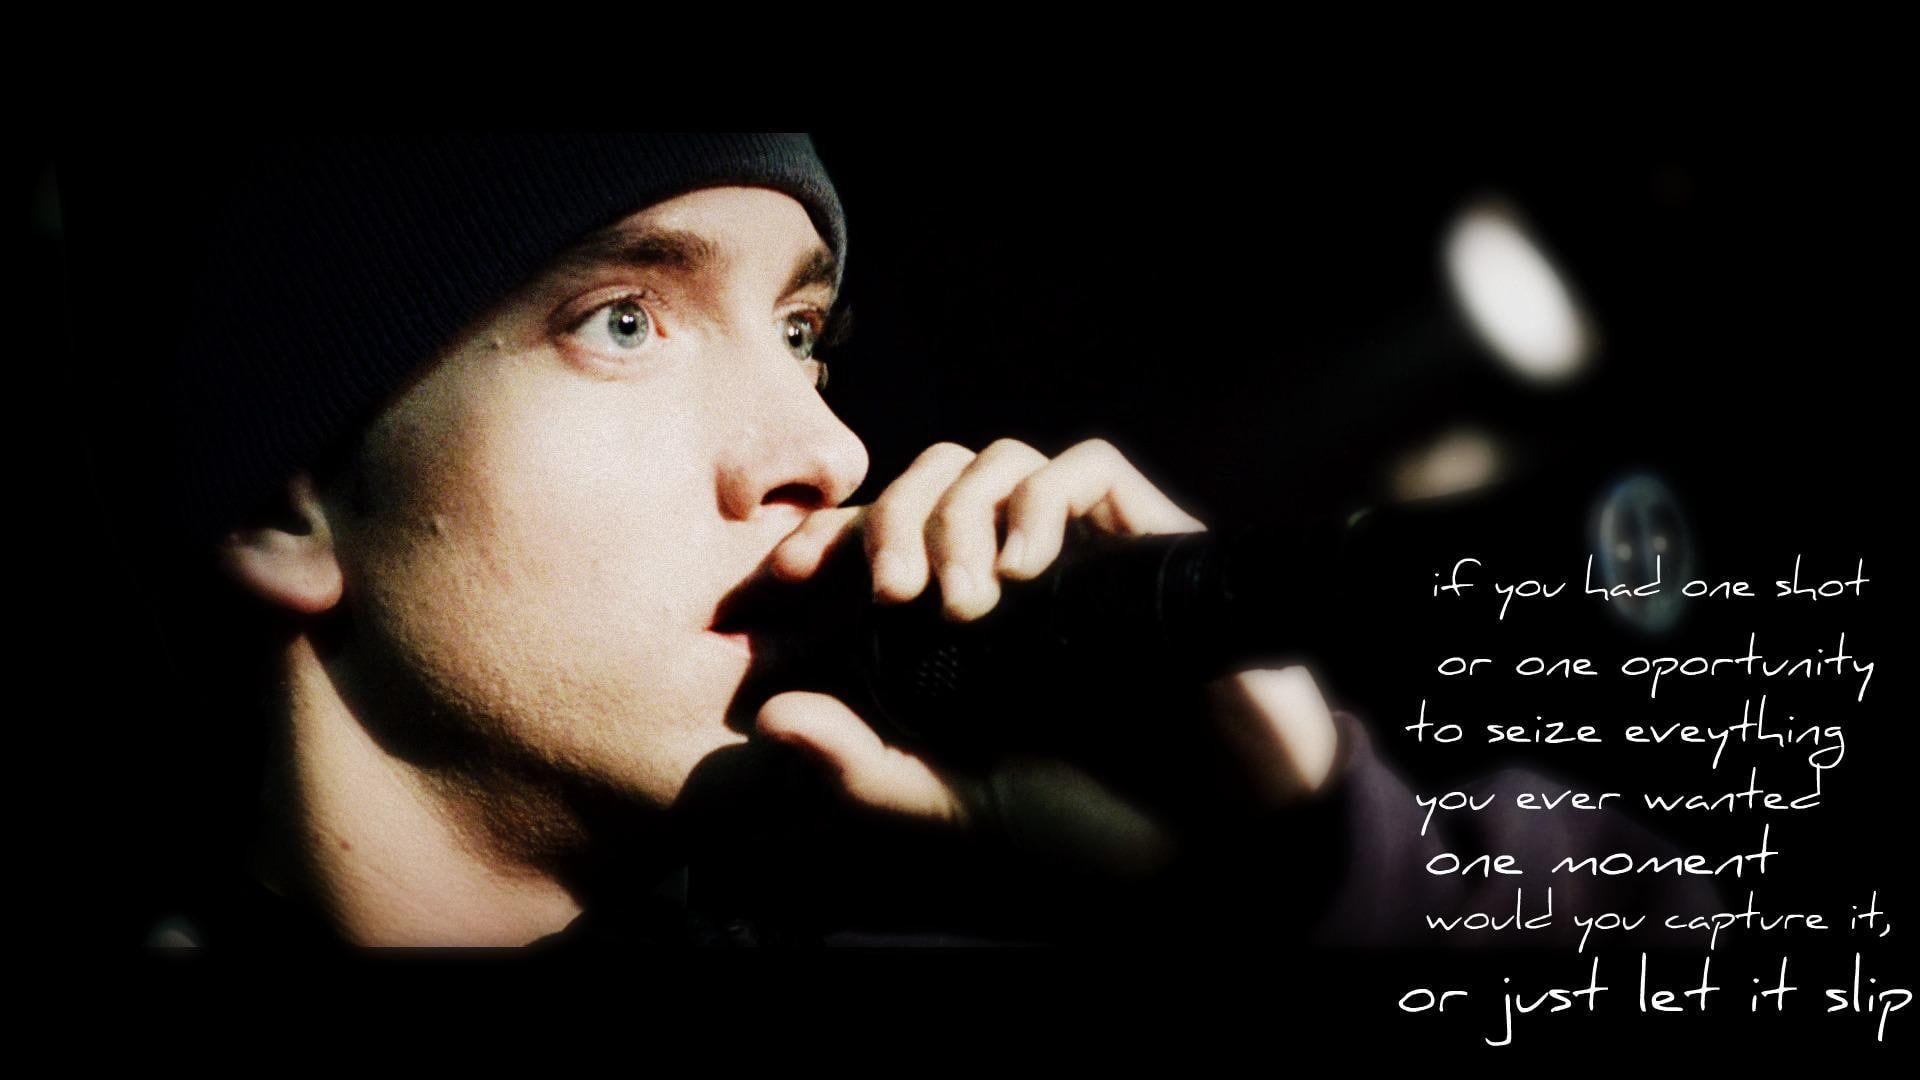 Eminem Slim Shady Hip Hop Rap Texts 1080p Music 1080p Eminem Shady Slim Texts 1080p Wallpaper Hdwallpaper Desktop Eminem Eminem Slim Shady Slim Shady